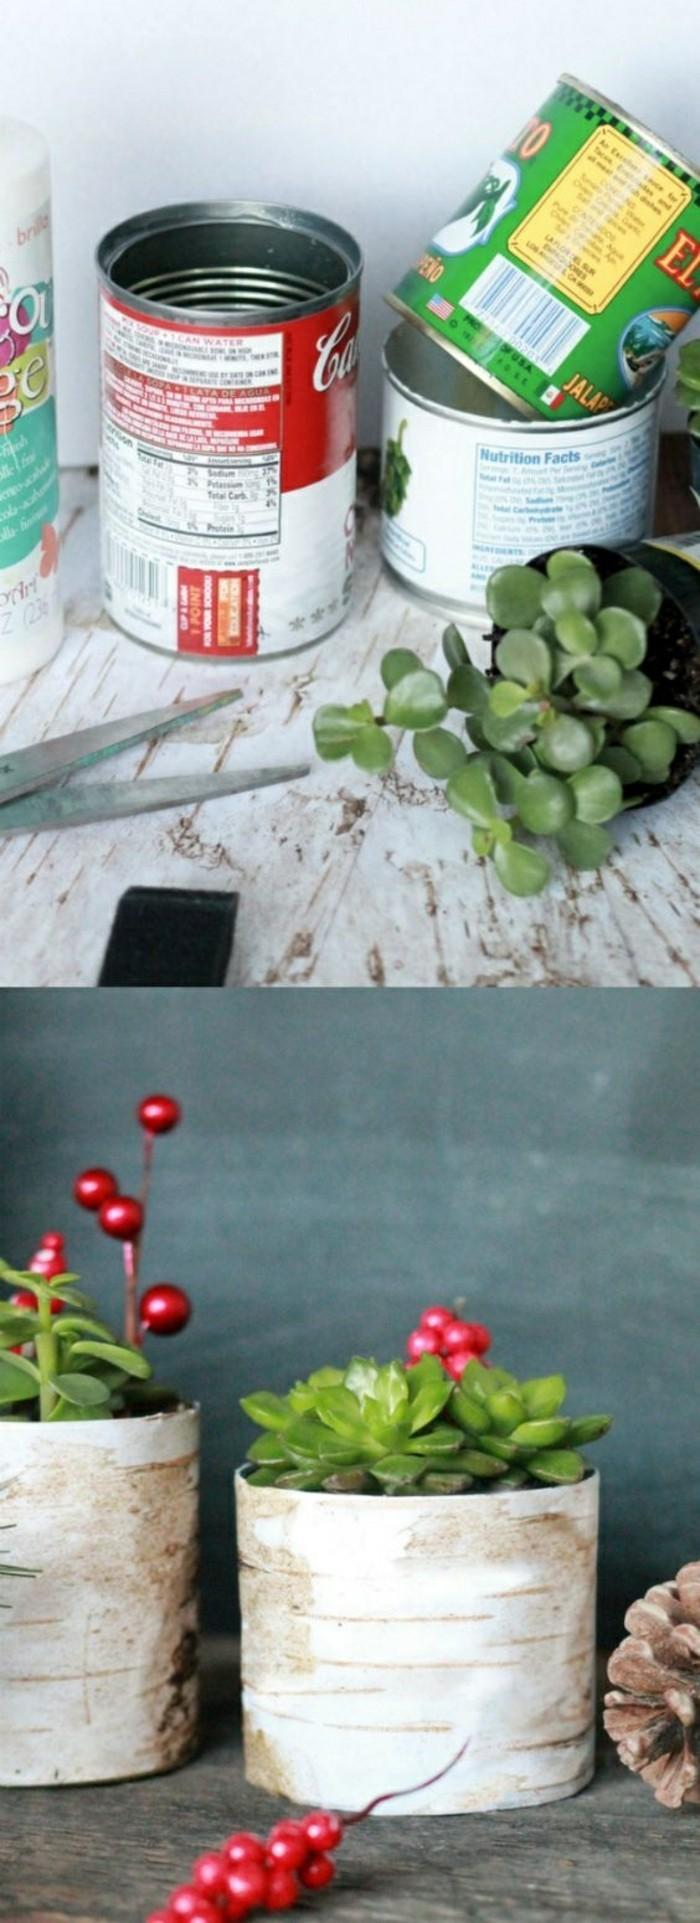 fabriquer contenants pour fleurs en canettes recyclées, comment décorer une boîte de conserve, loisir créatif facile